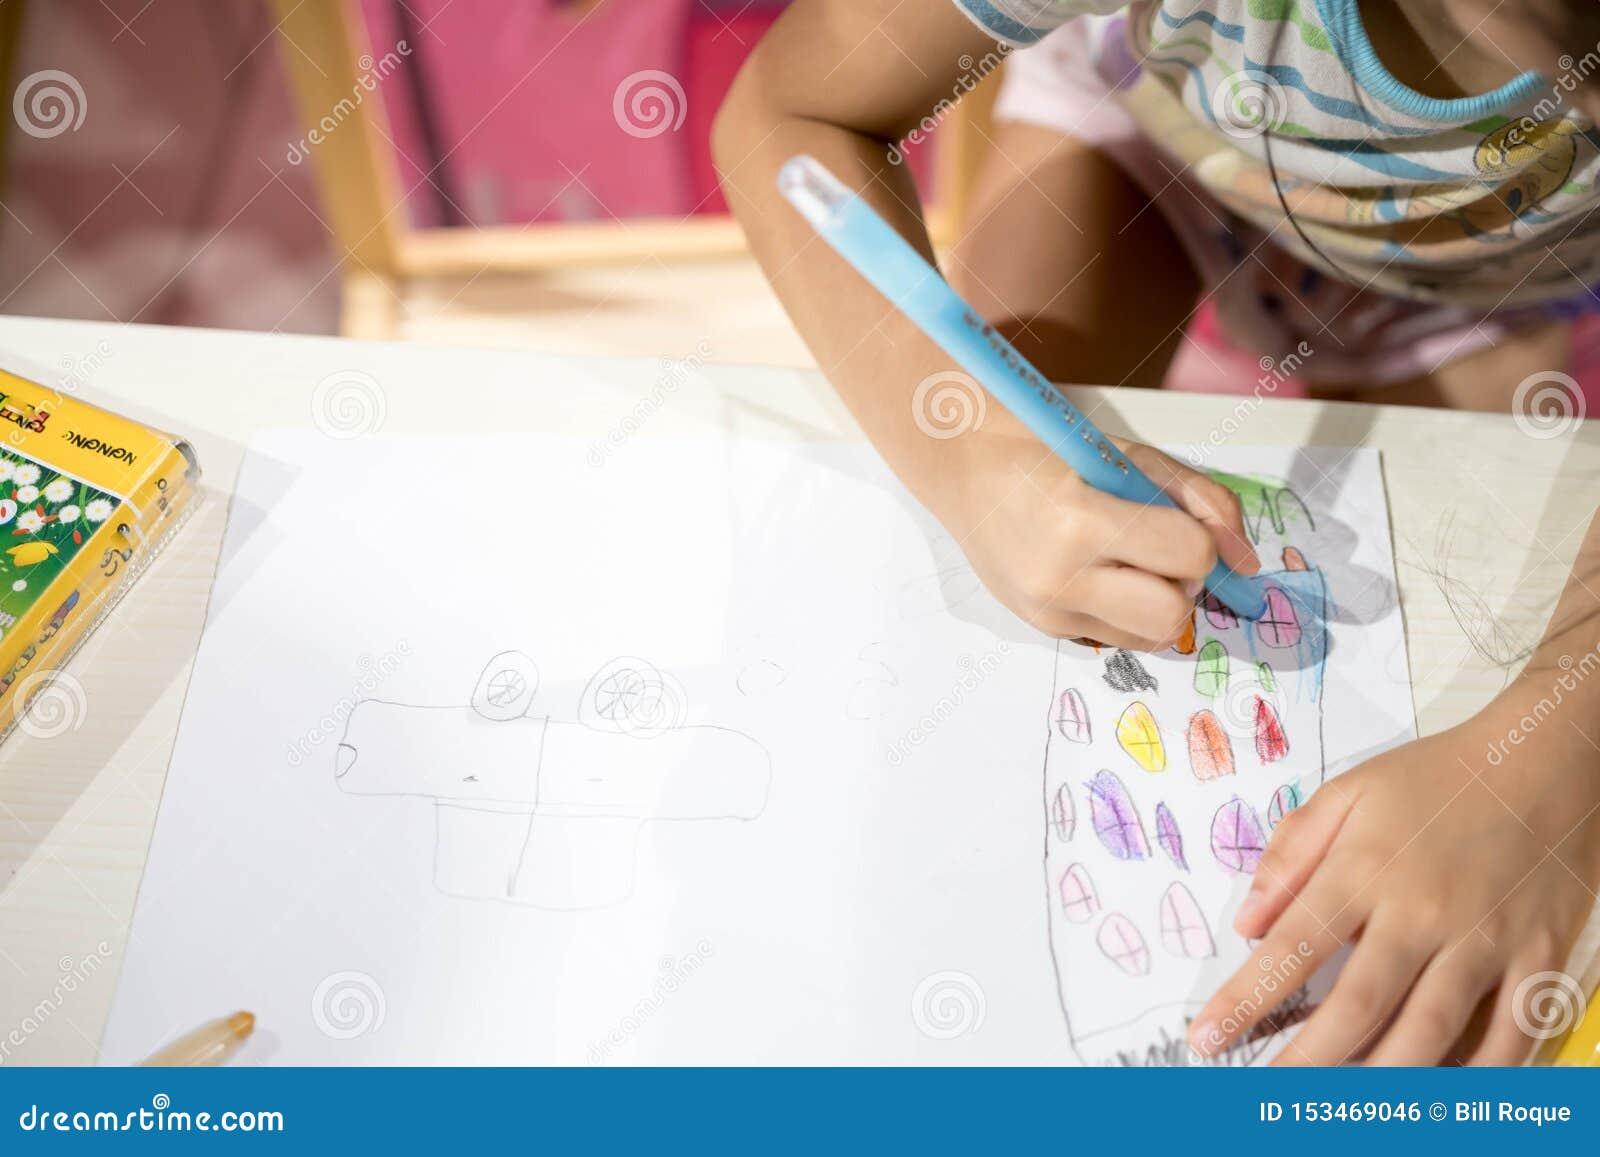 Coloração do desenho da escrita da criança no papel usando o pastel